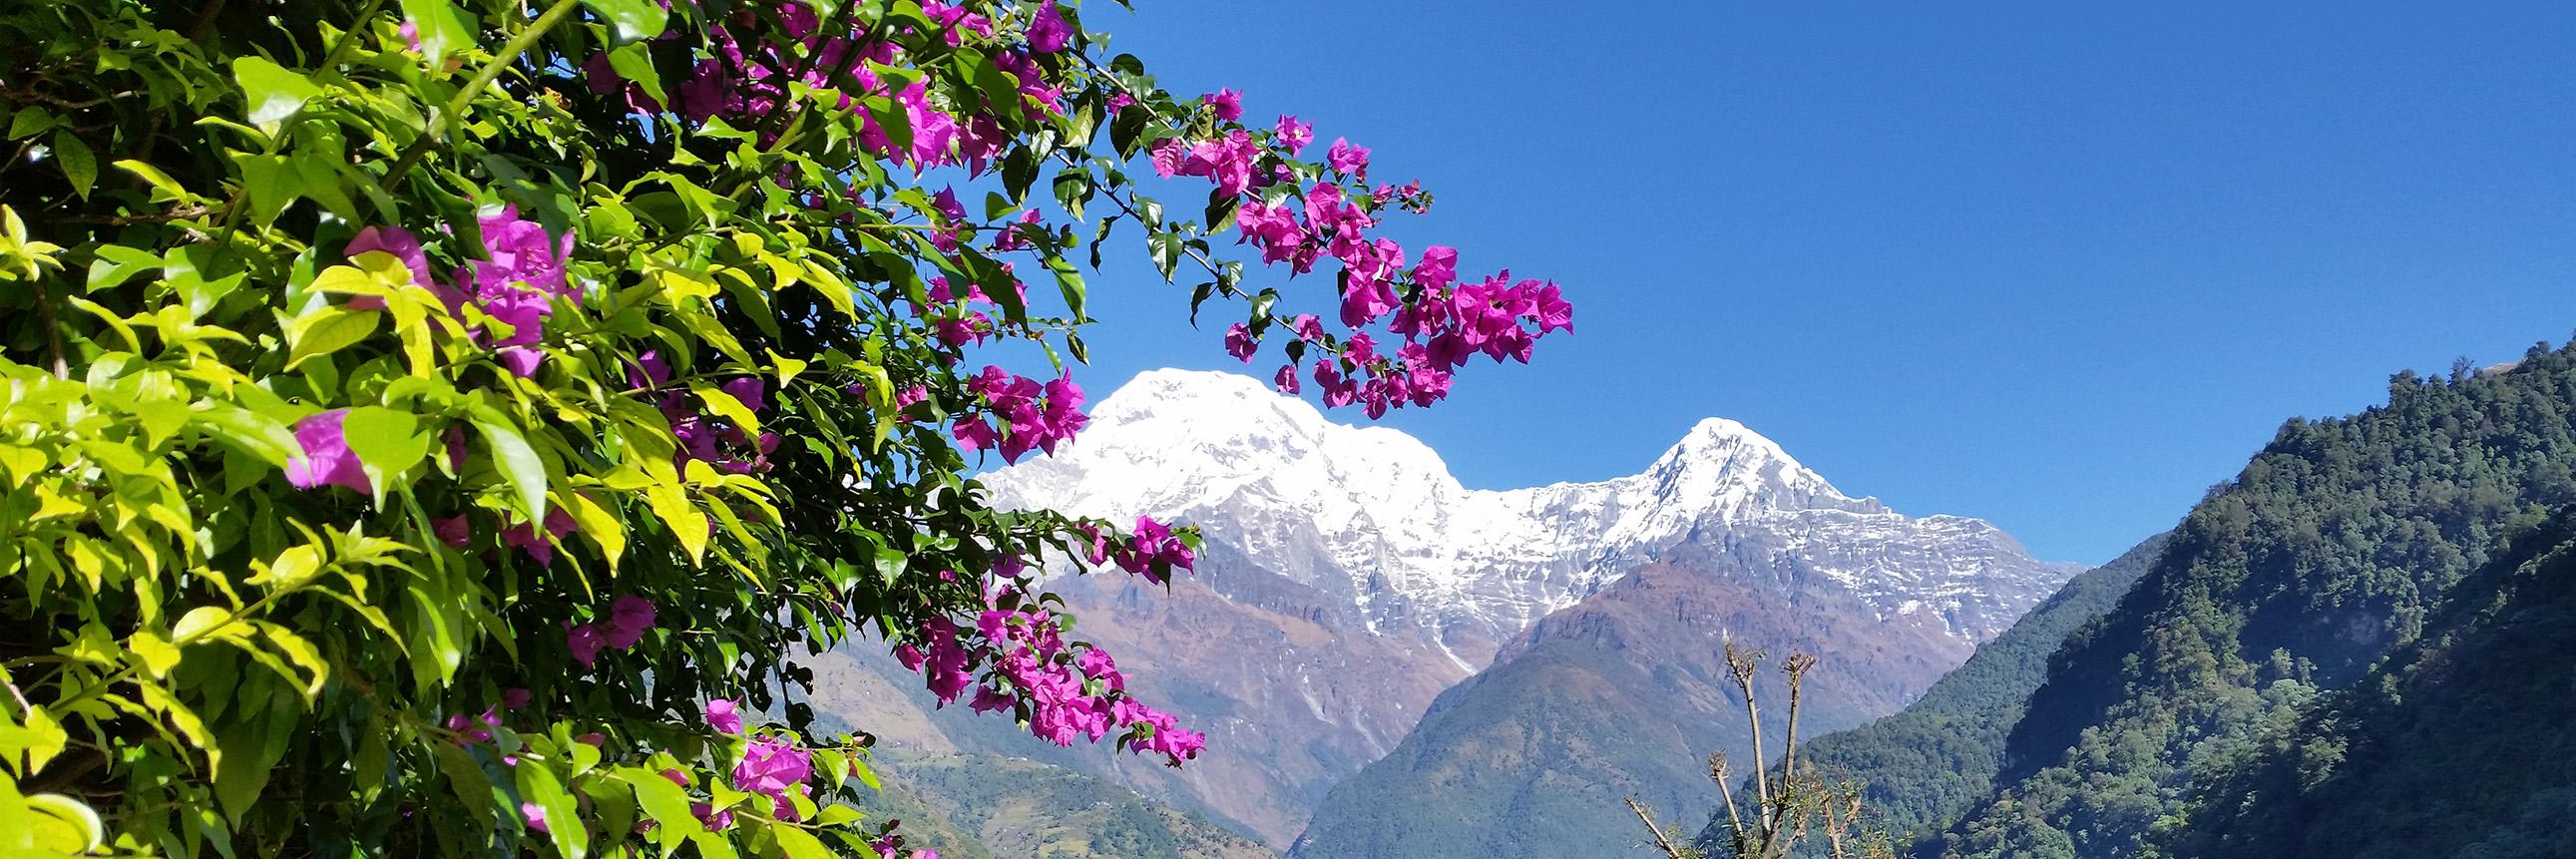 wild wachsende Bougainvilea auf dem Annapurna Trek